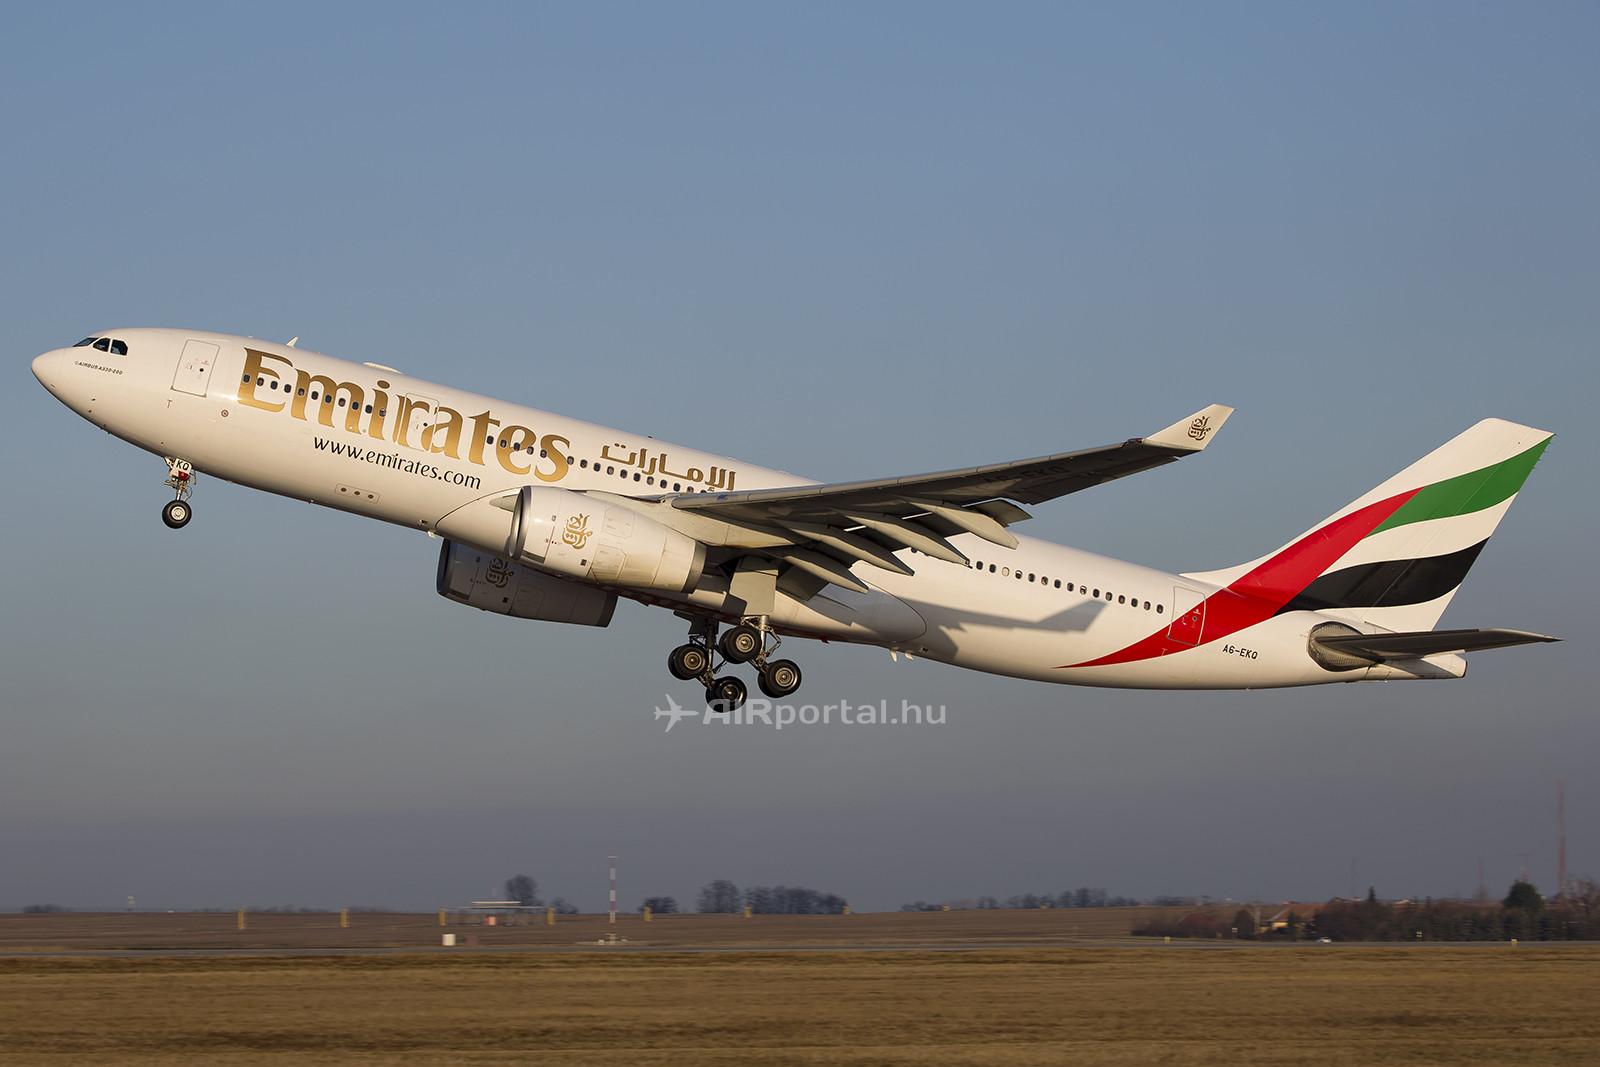 Az Emirates egyik Airbus A330-200 típusú repülőgépe Ferihegyen. December 1-jétől a légitársaság még nagyobb típussal, Boeing 777-300-assal fog közlekedni Dubaj és Budapest között. (Fotó: AIRportal.hu) | © AIRportal.hu